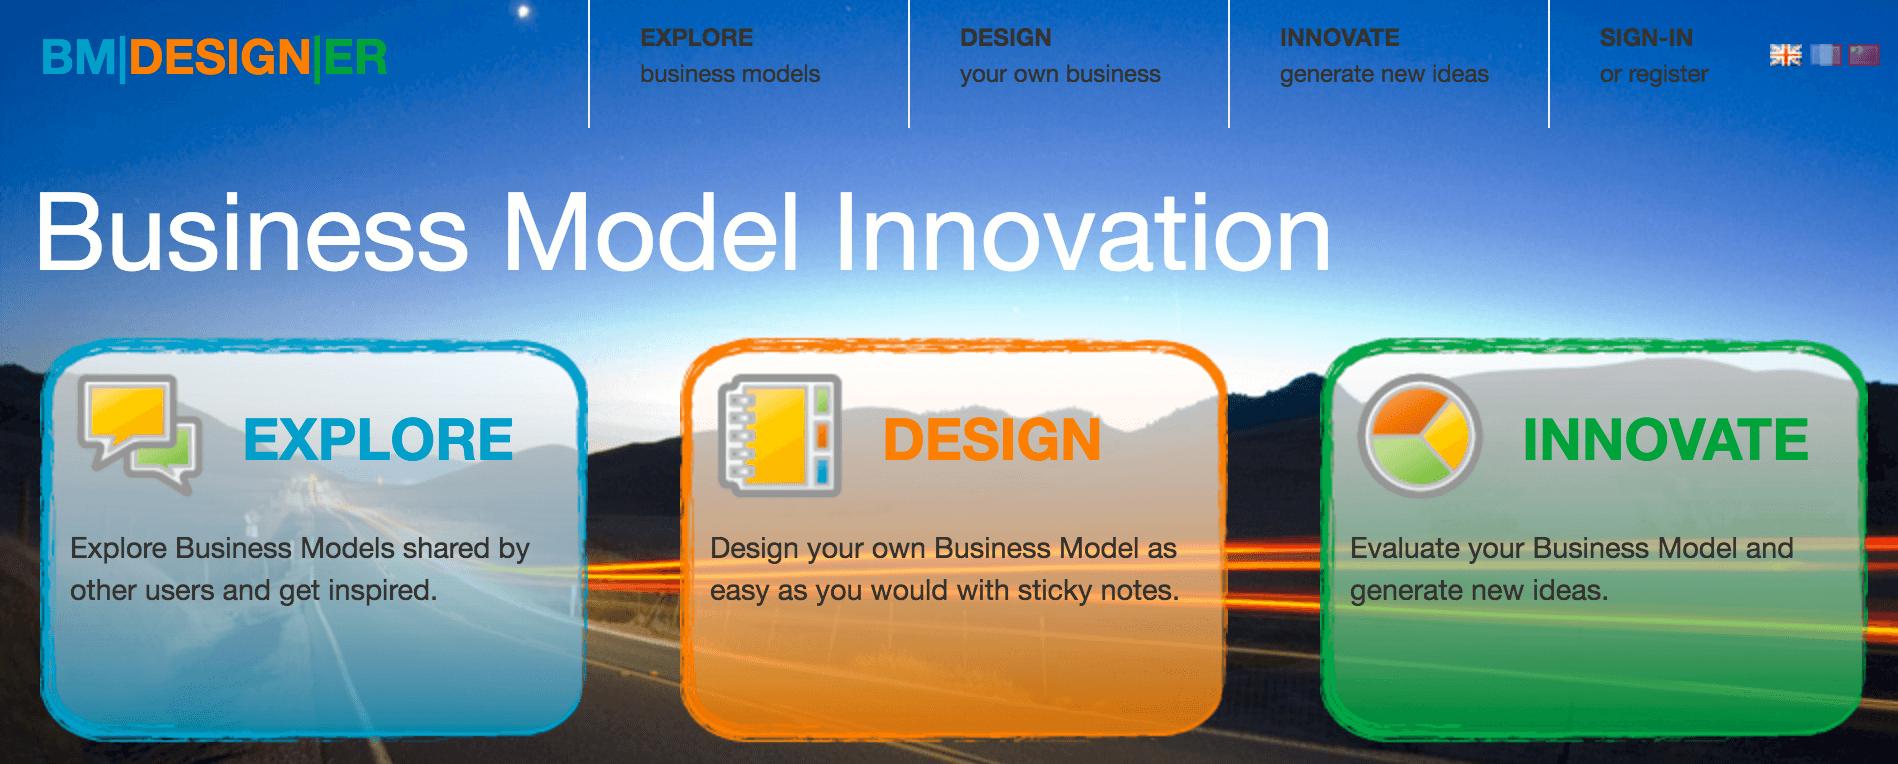 BM Designer - 10 Ferramentas de Modelo de Negócio